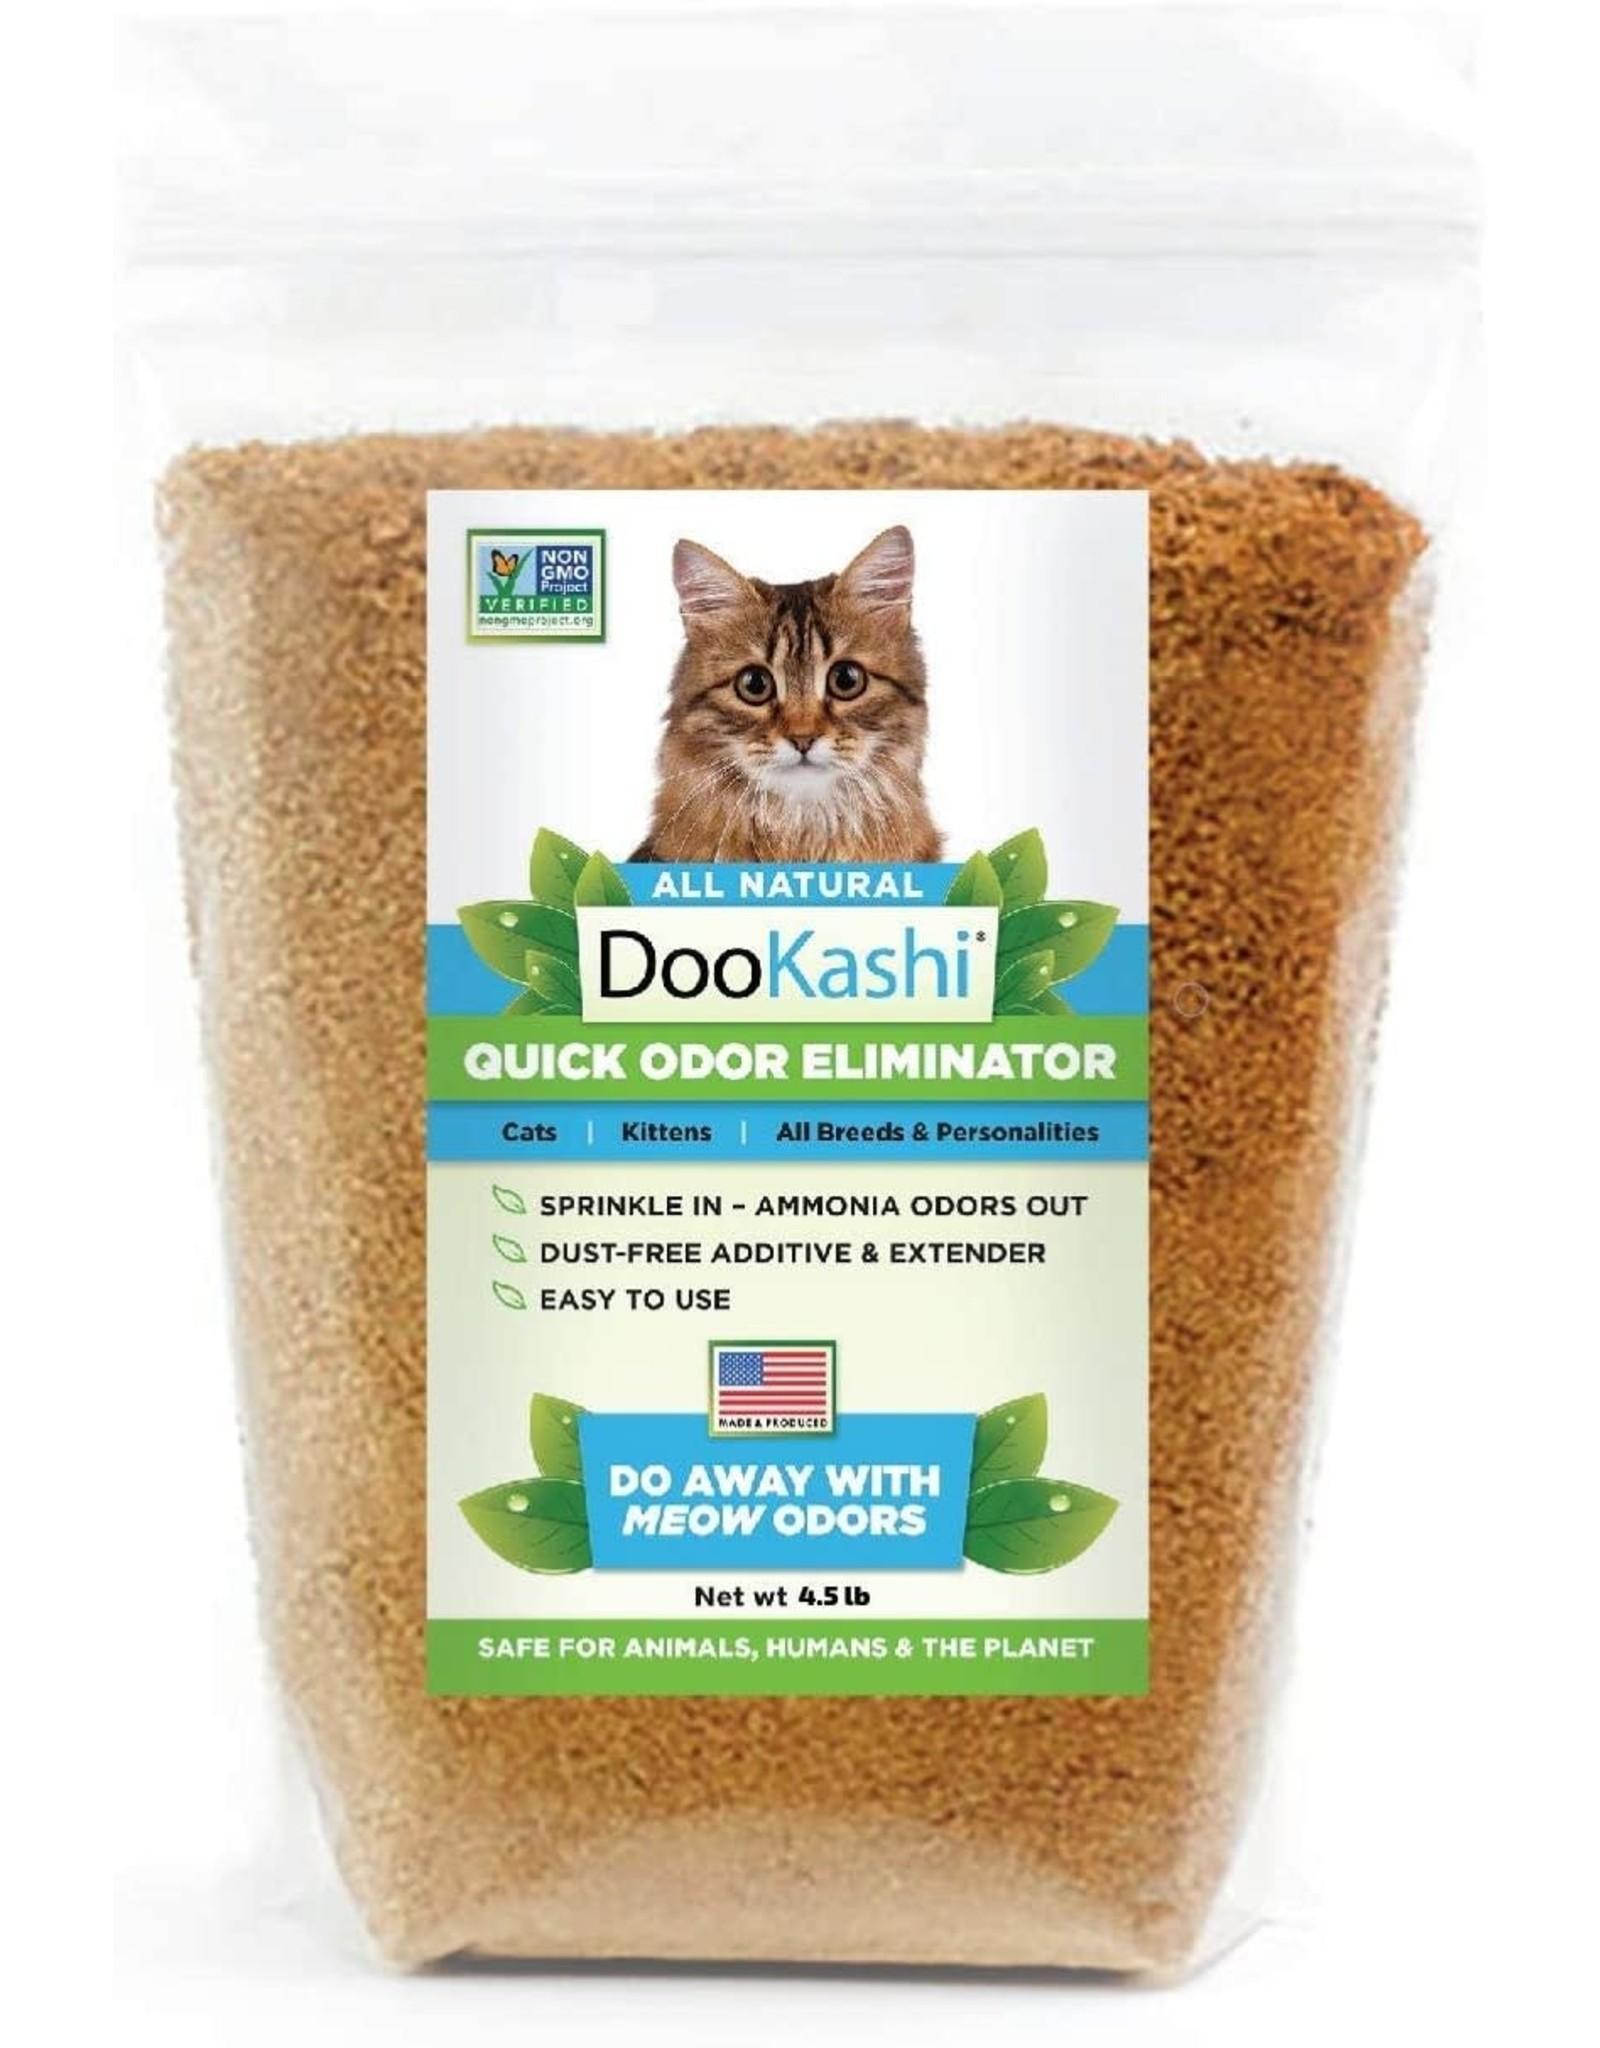 EcoKashi DOOKASHI FOR CATS 1LB